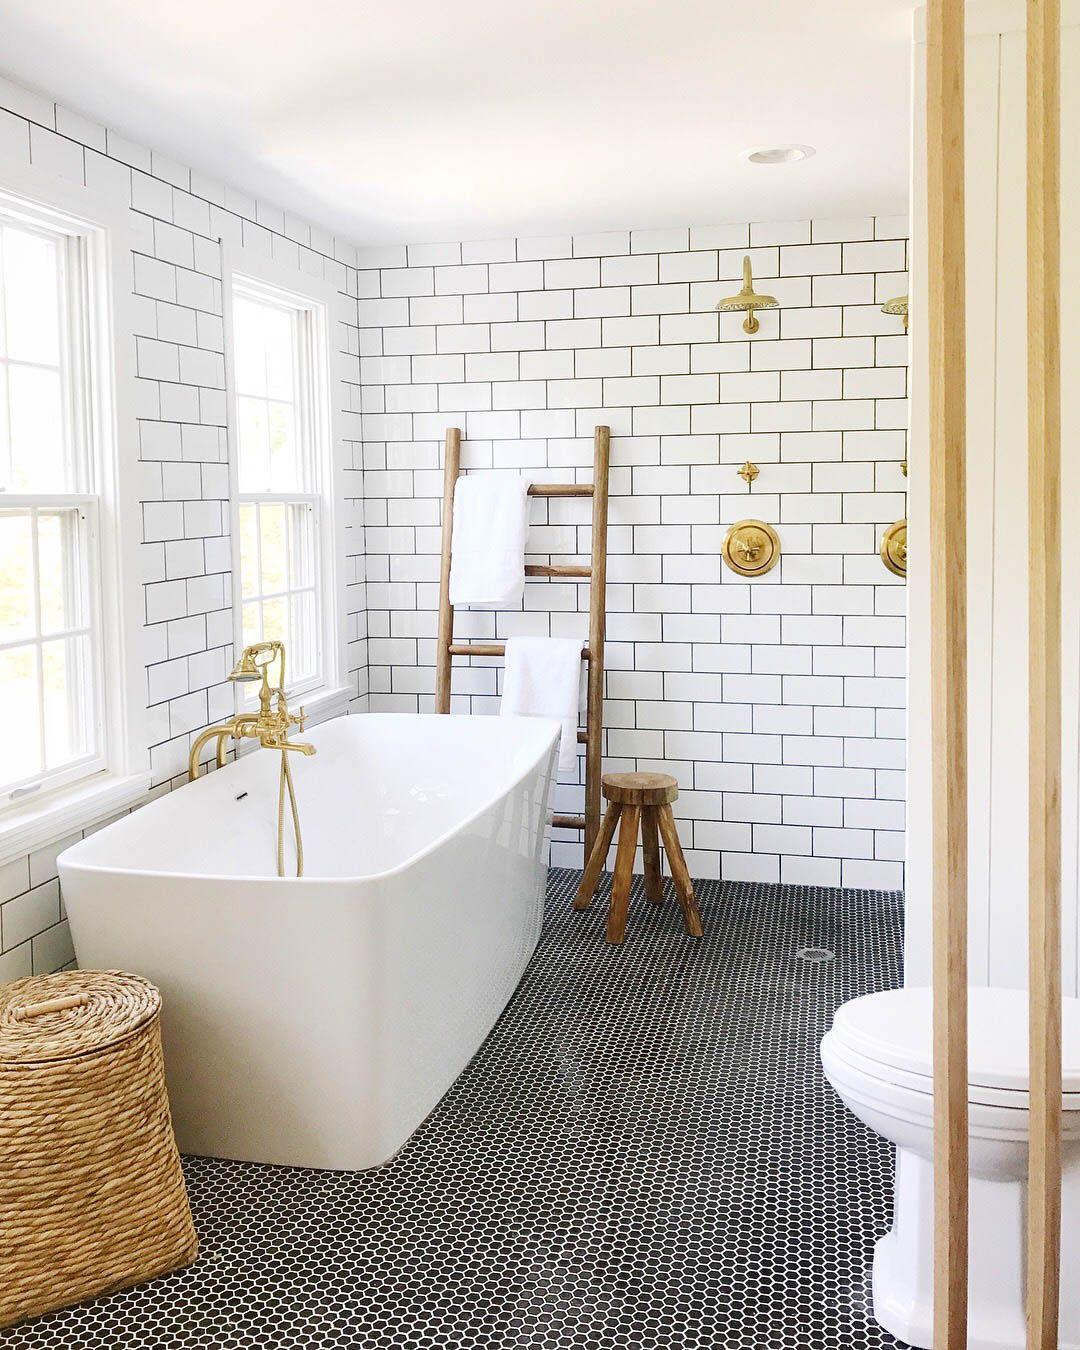 Black Penny Tile On The Floor White Freestanding Tub Brass Faucet Open Shower White Bathroom Tiles White Subway Tile Bathroom Bathroom Trends